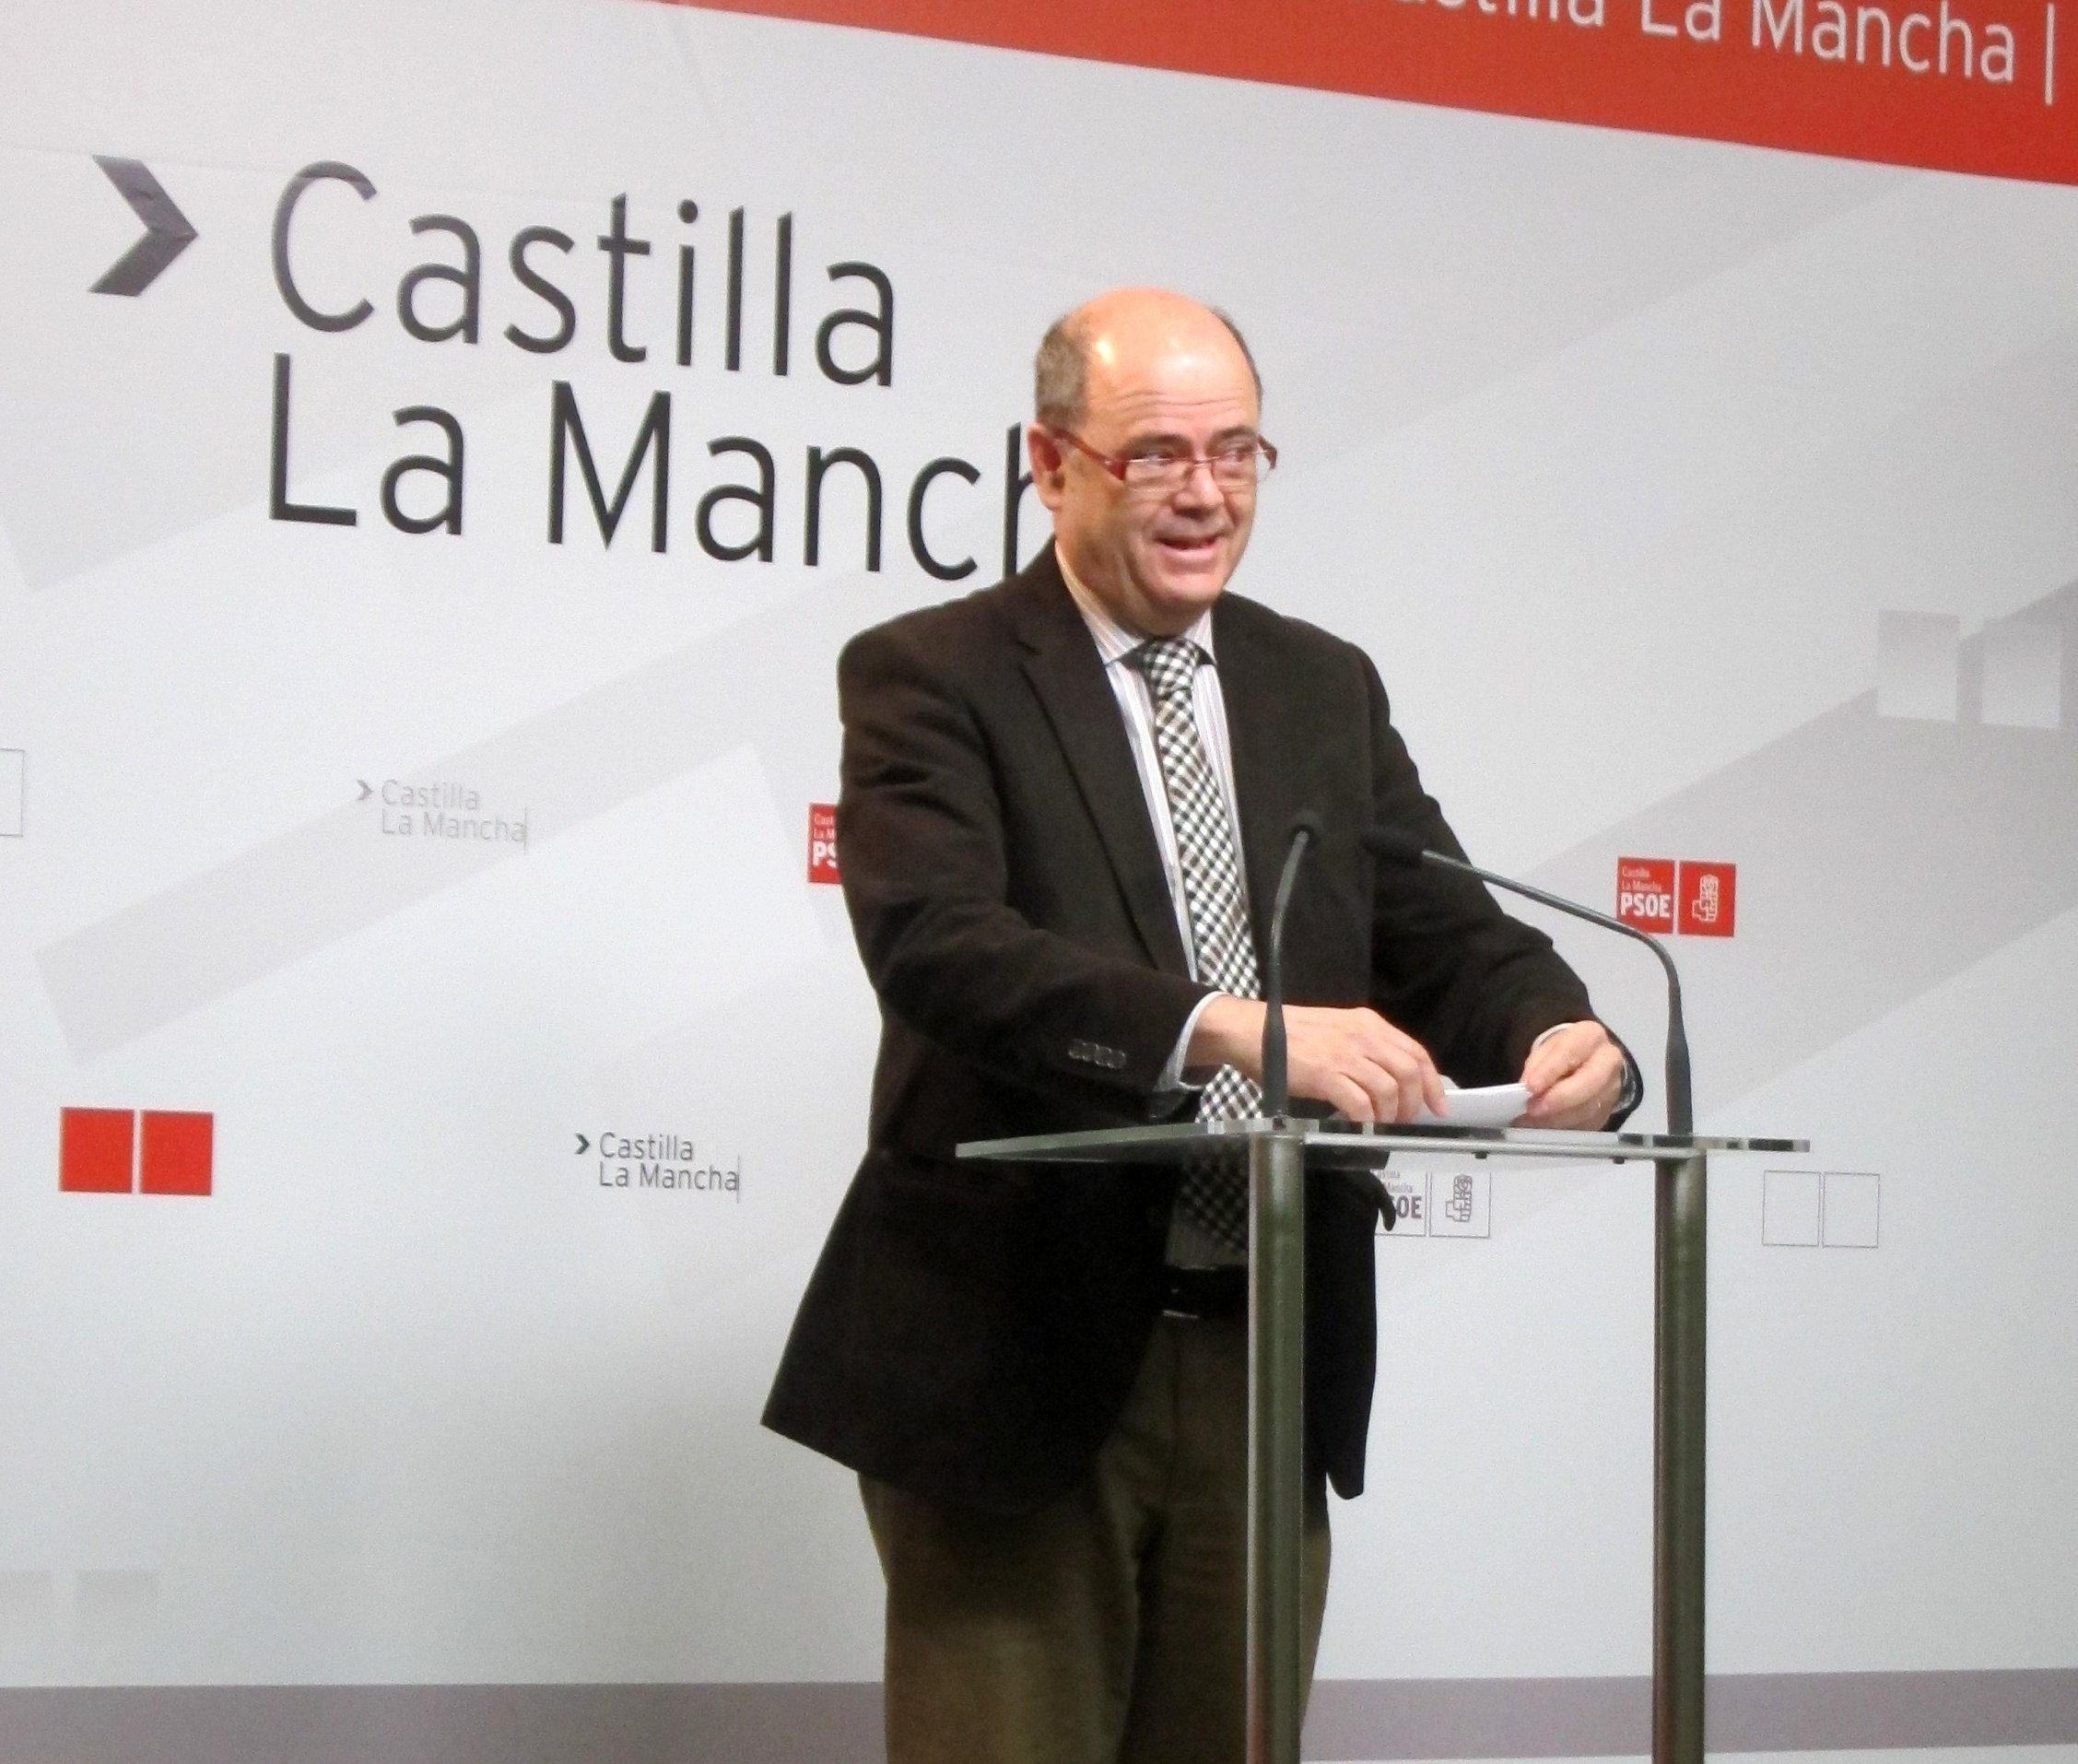 PSOE denuncia la «pasividad» de Rajoy y Cañete en el acuerdo UE-Marruecos y les pide que asuman su parte de culpa